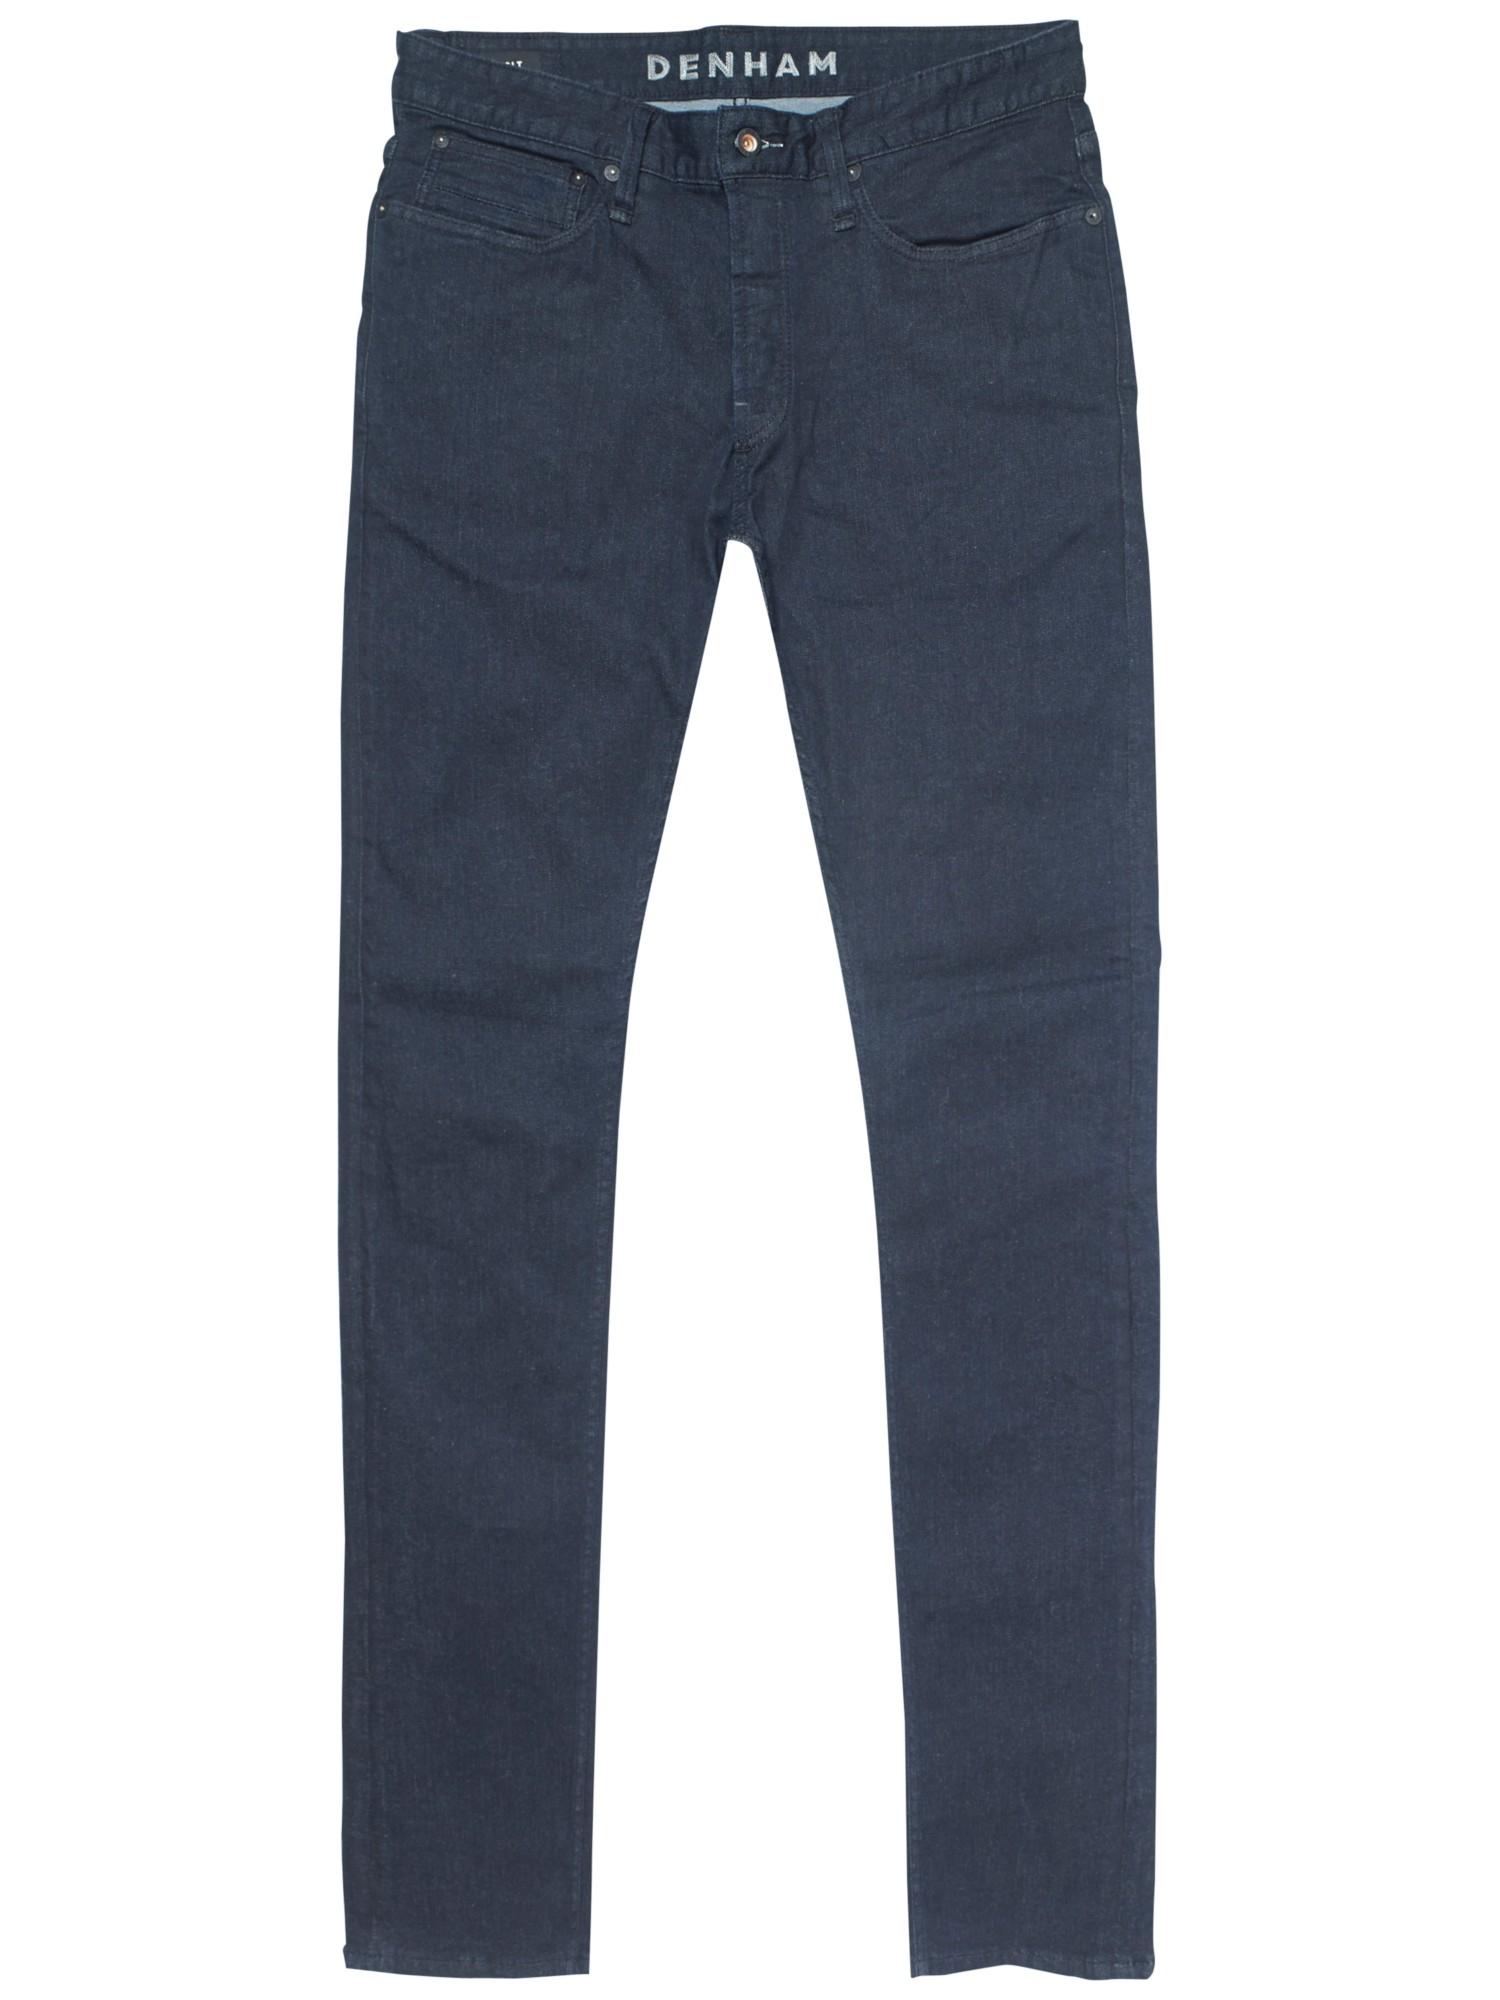 Denham Denim Bolt Lsr Skinny Fit Jeans in Indigo (Blue) for Men